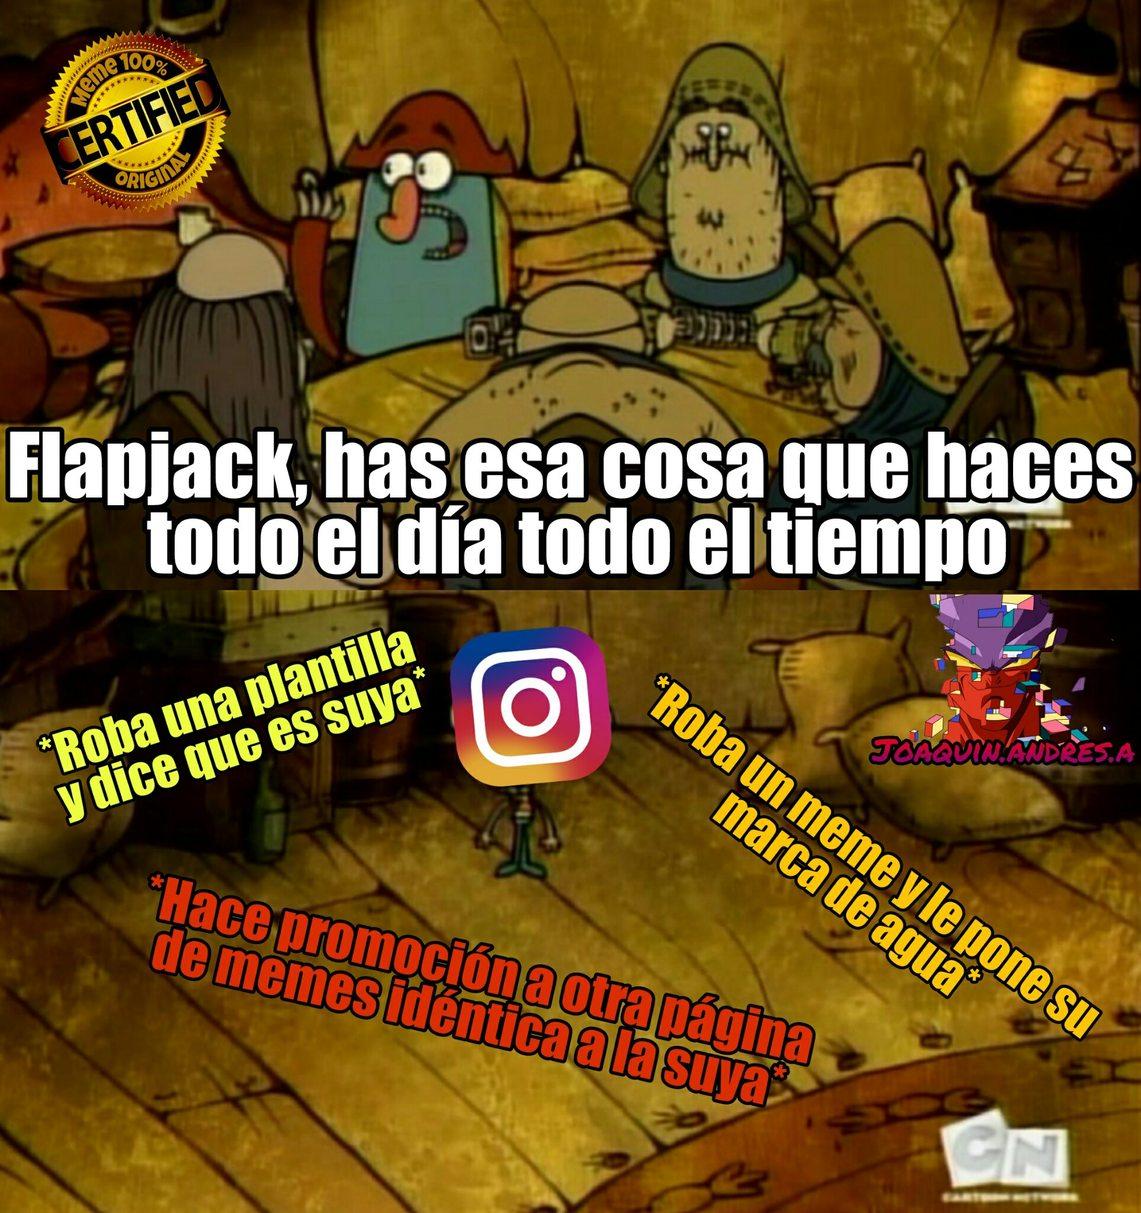 Original y nueva plantilla :D | Pasaré la plantilla si aceptan el meme | Todas las páginas de memes de instagram son así :|